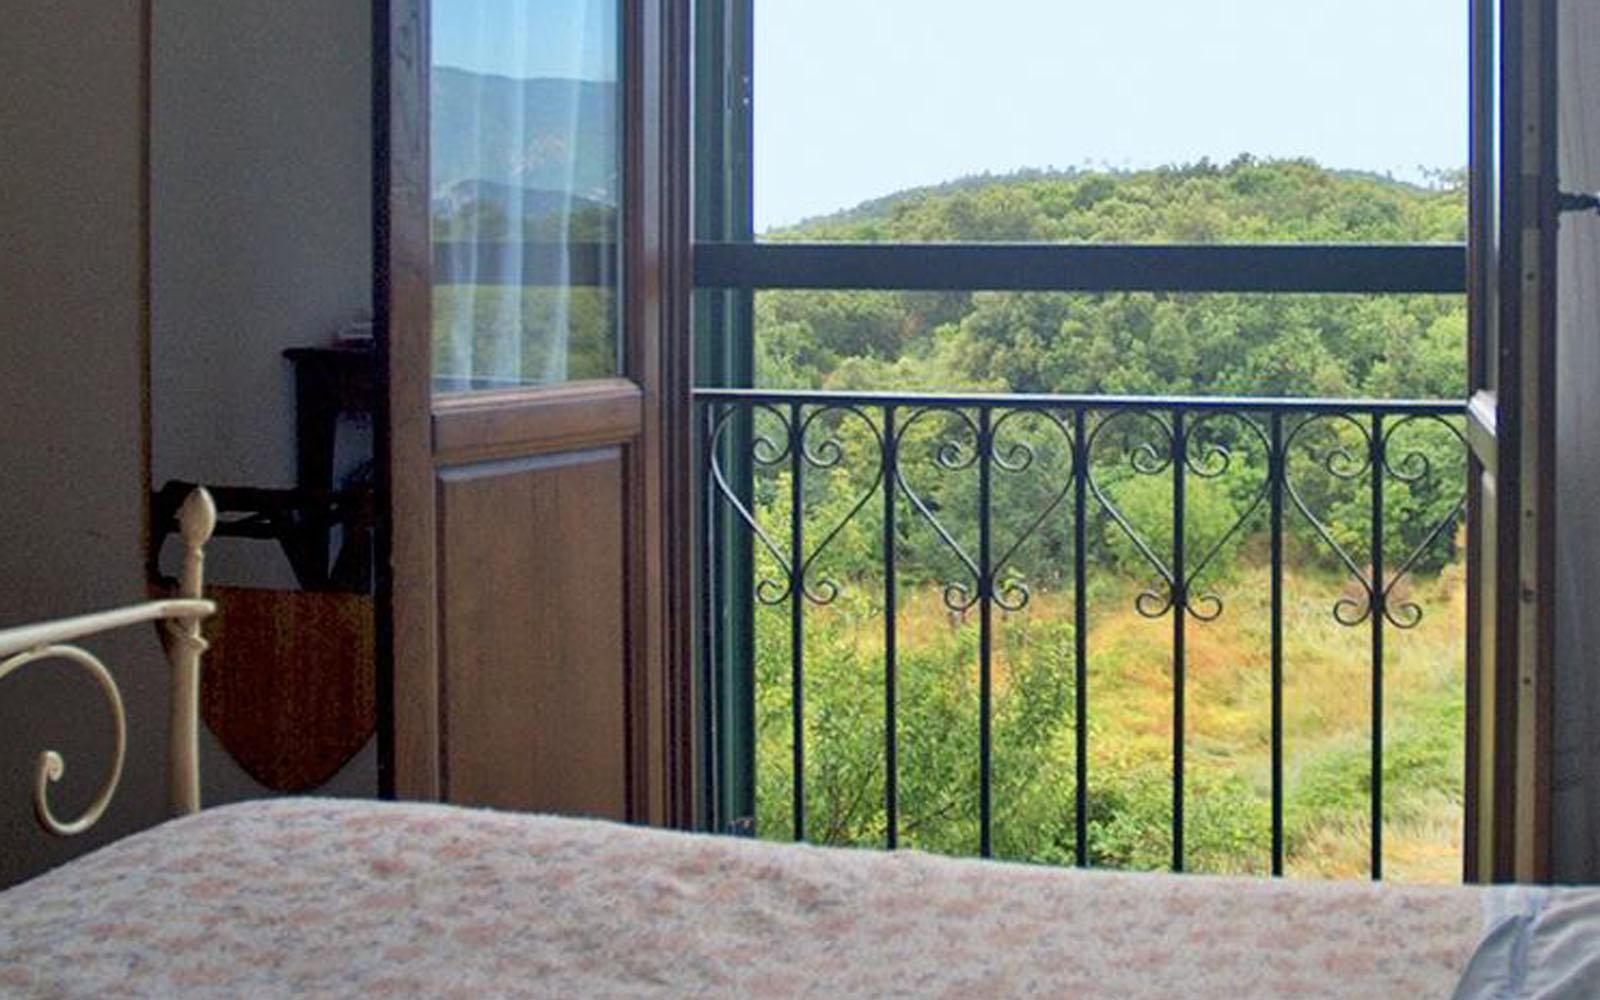 Scorcio del paesaggio dell'entroterra ligure da una camera dell'hotel.